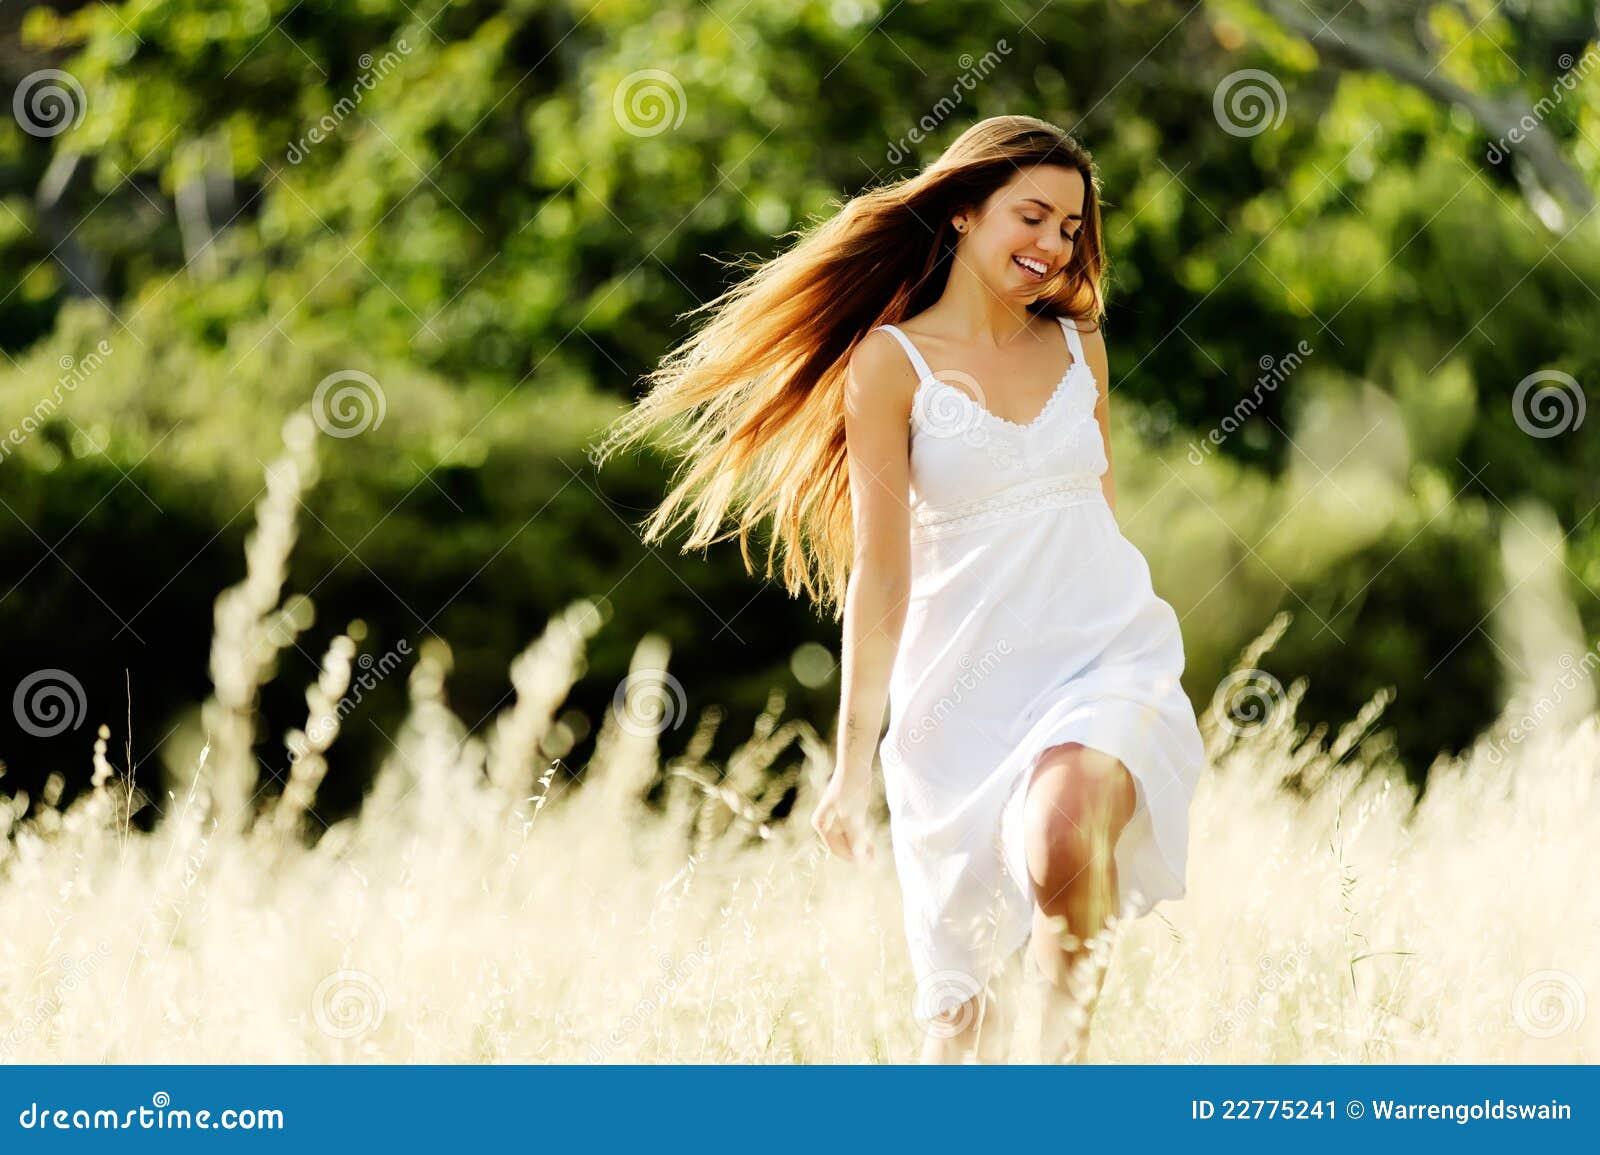 Vrouw die in openlucht op een gebied loopt